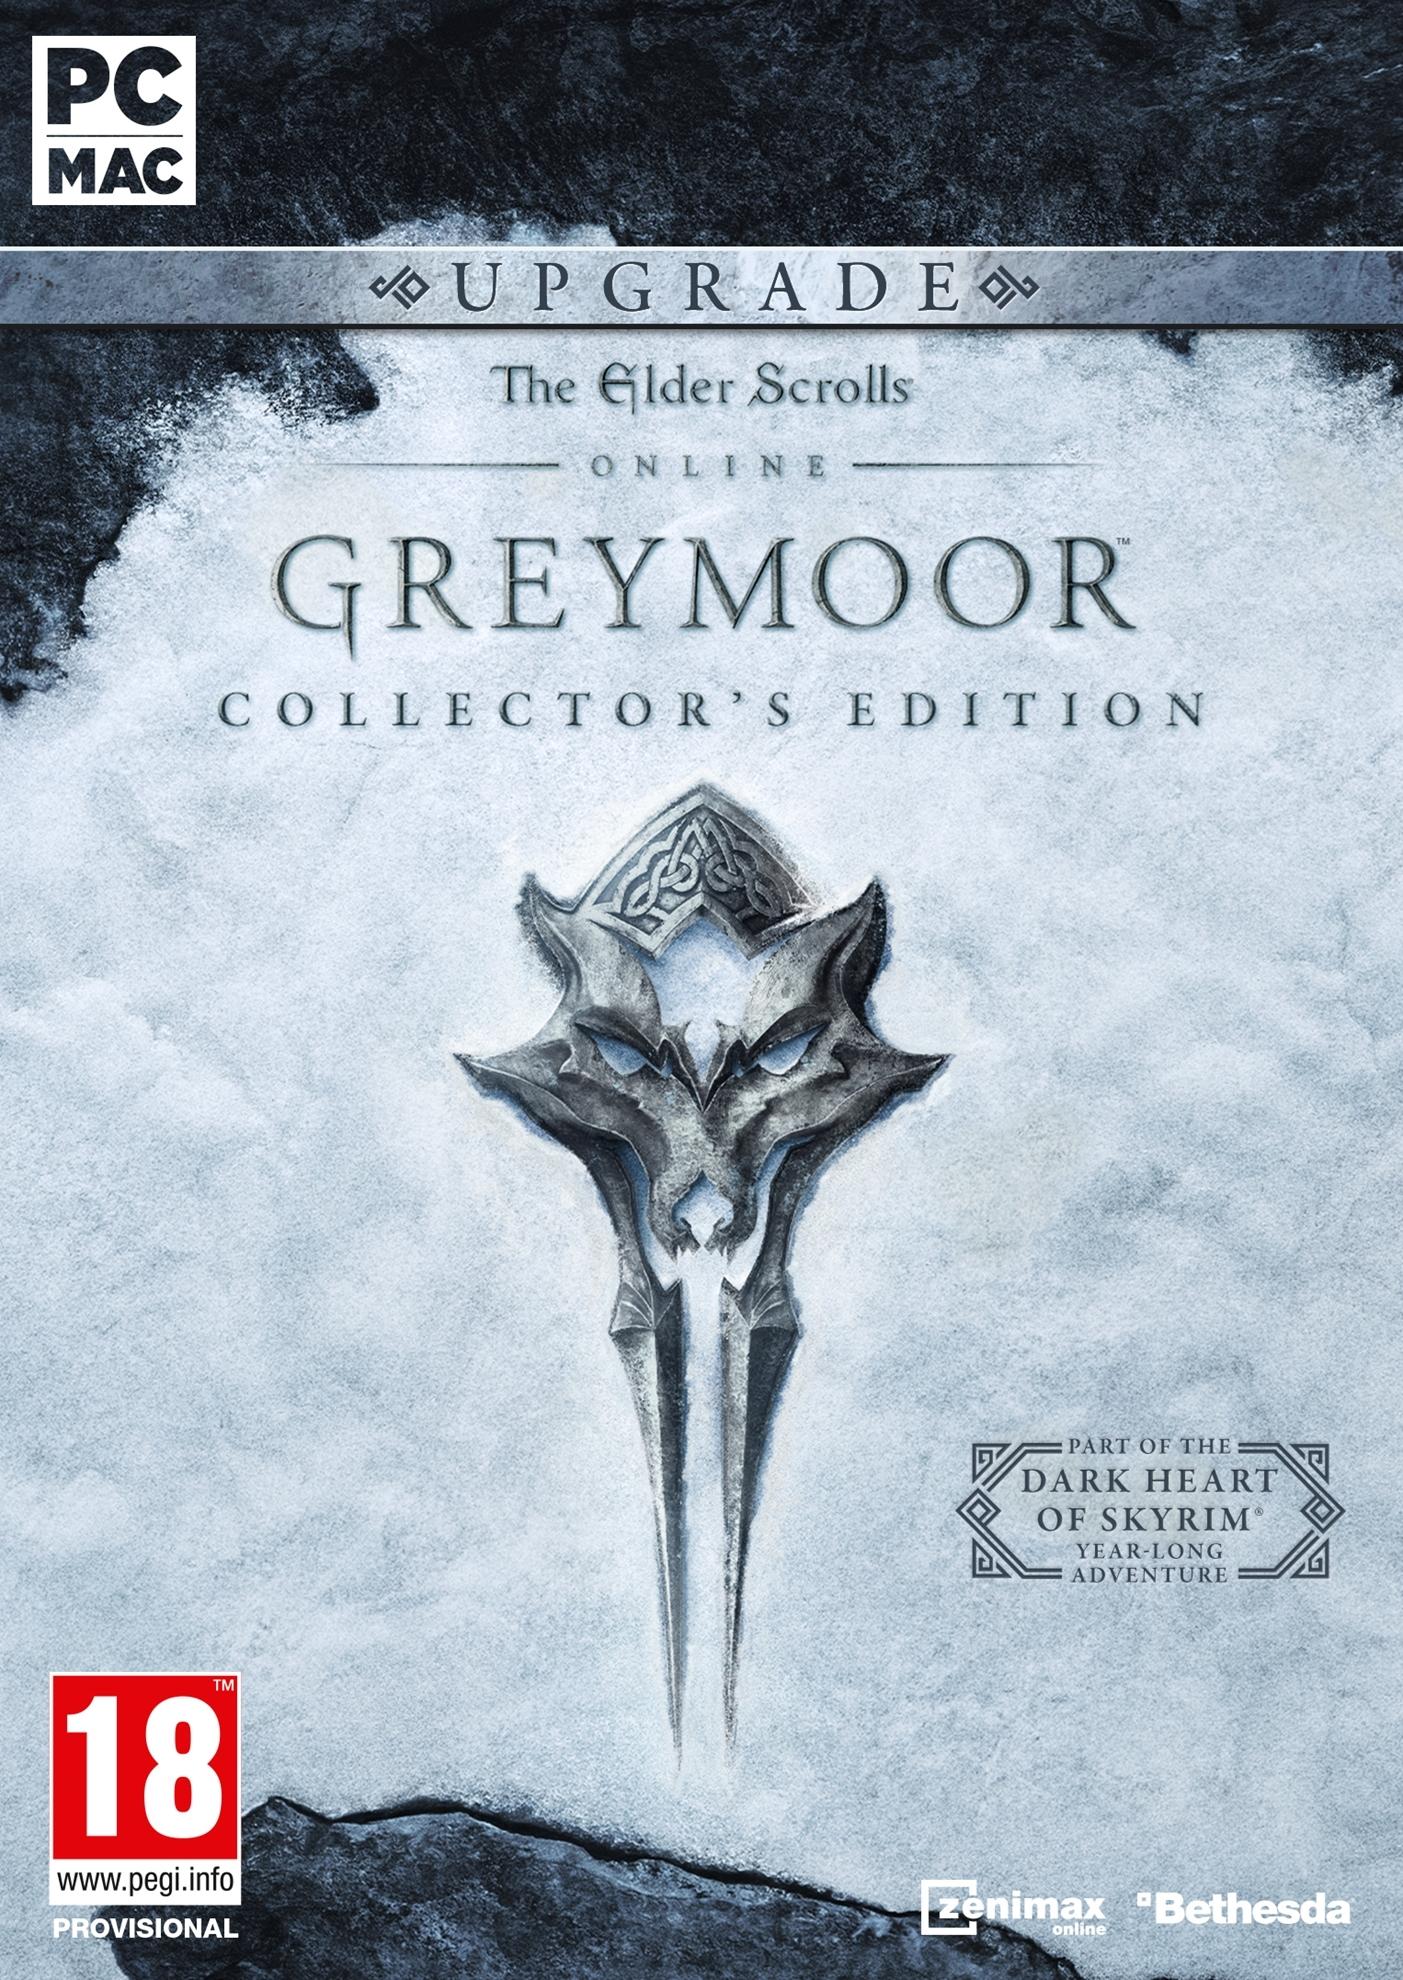 The Elder Scrolls Online: Greymoor Digital Collector's Edition Upgrade